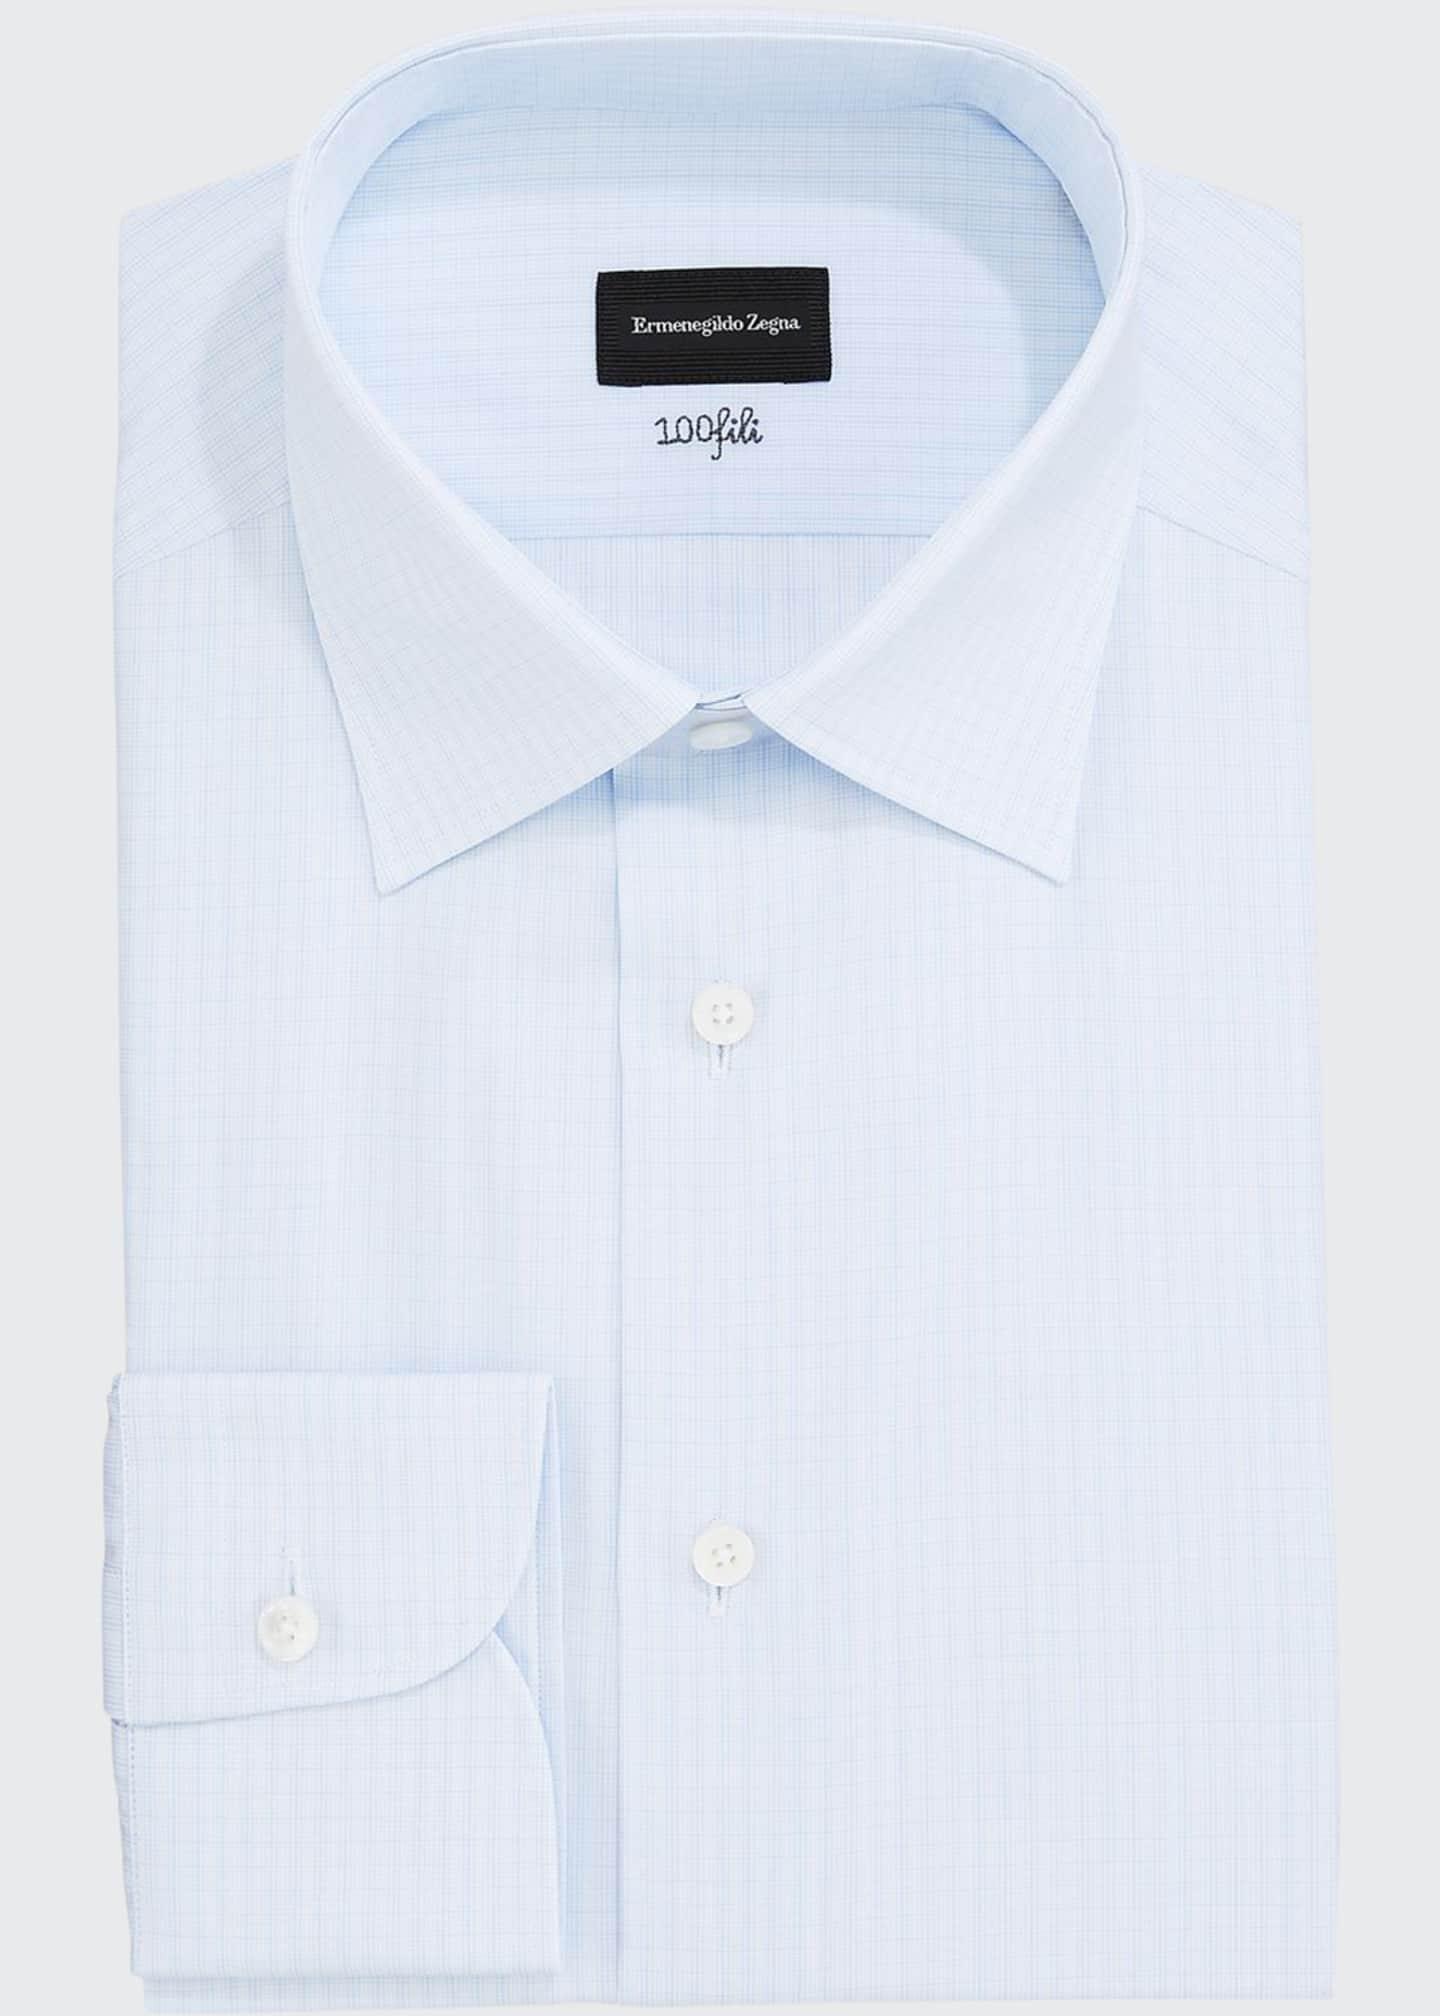 Ermenegildo Zegna Men's Tonal Check Dress Shirt